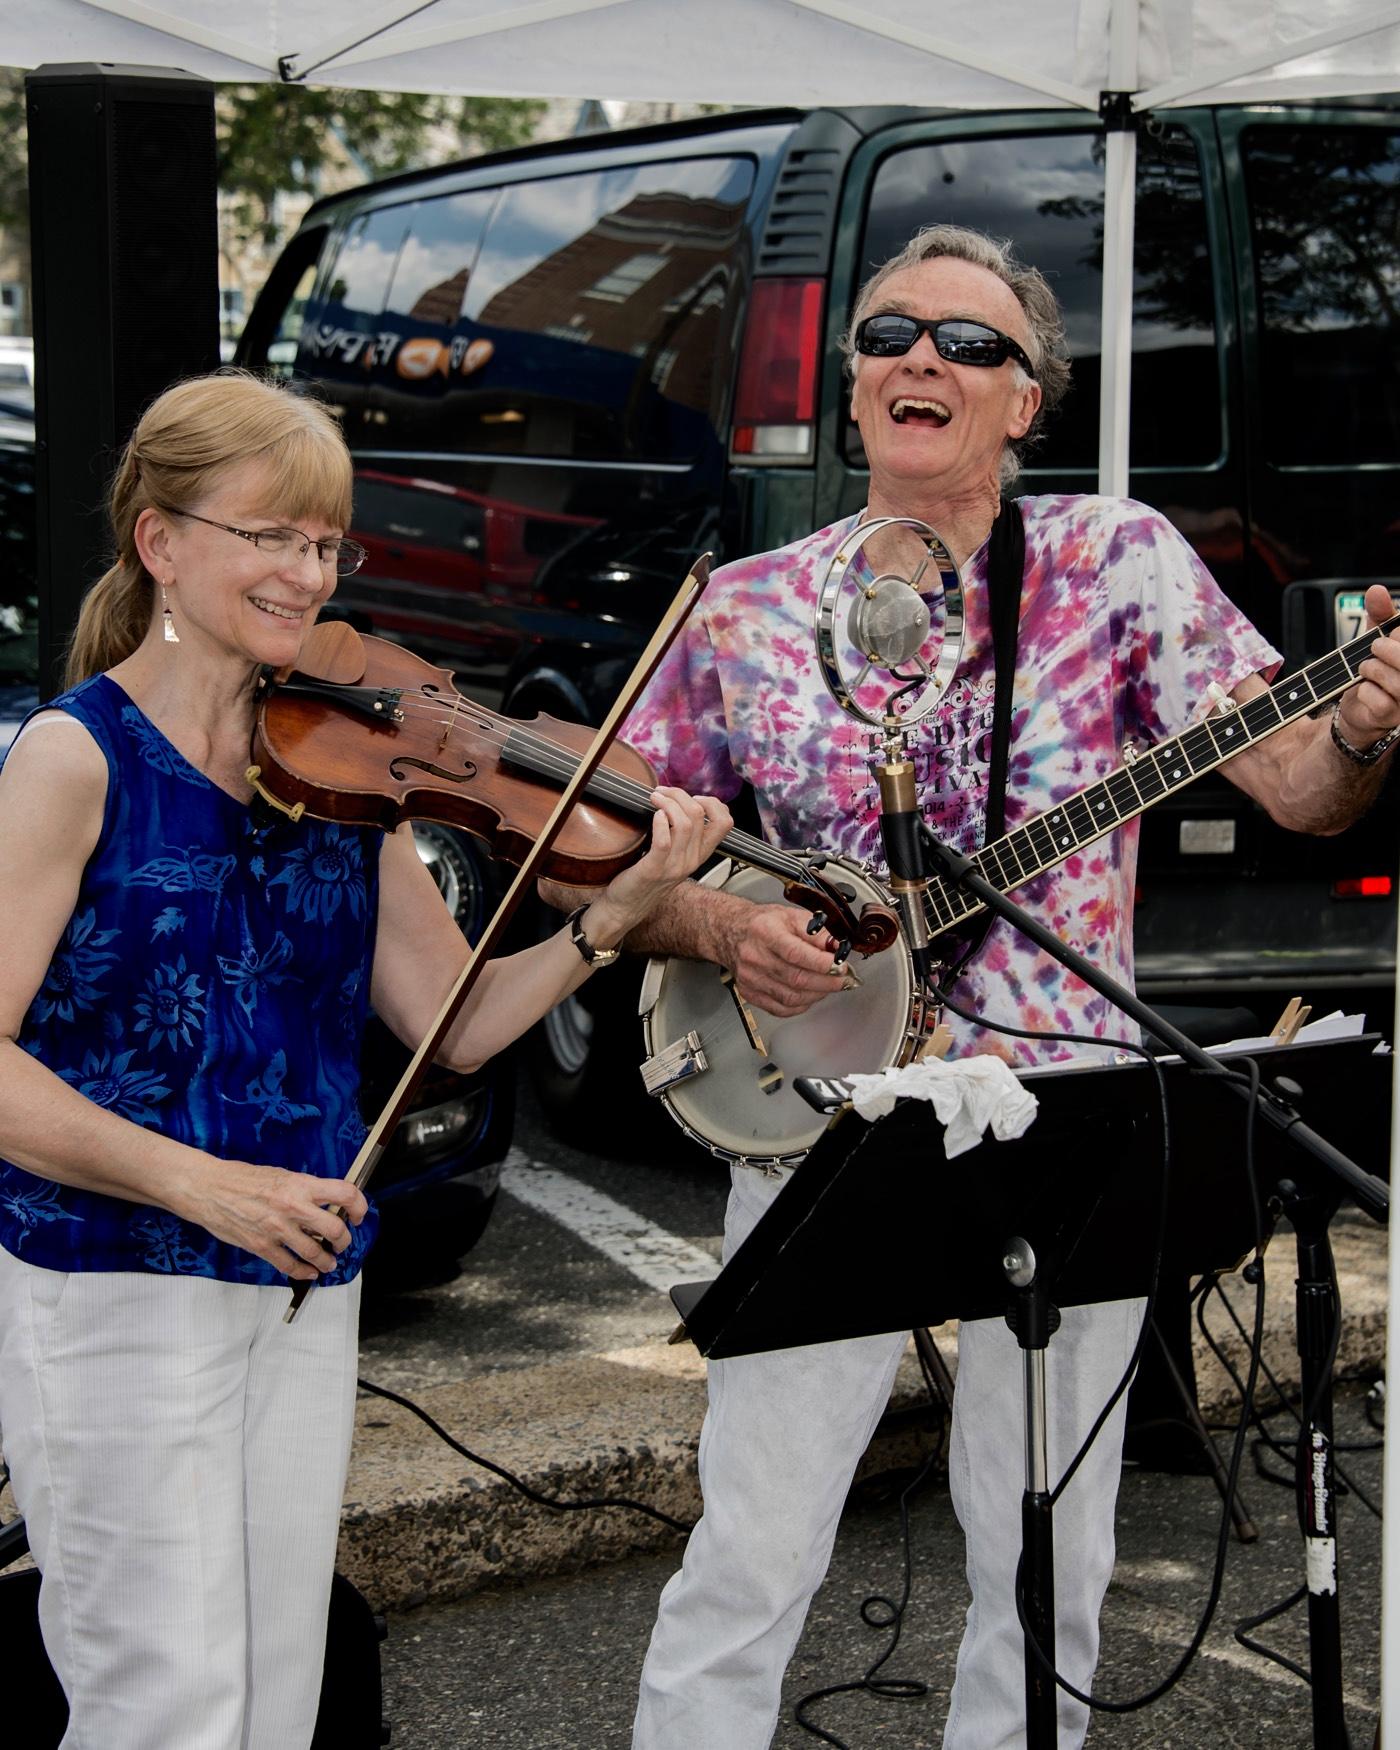 LC at Lansdowne banjo.jpg